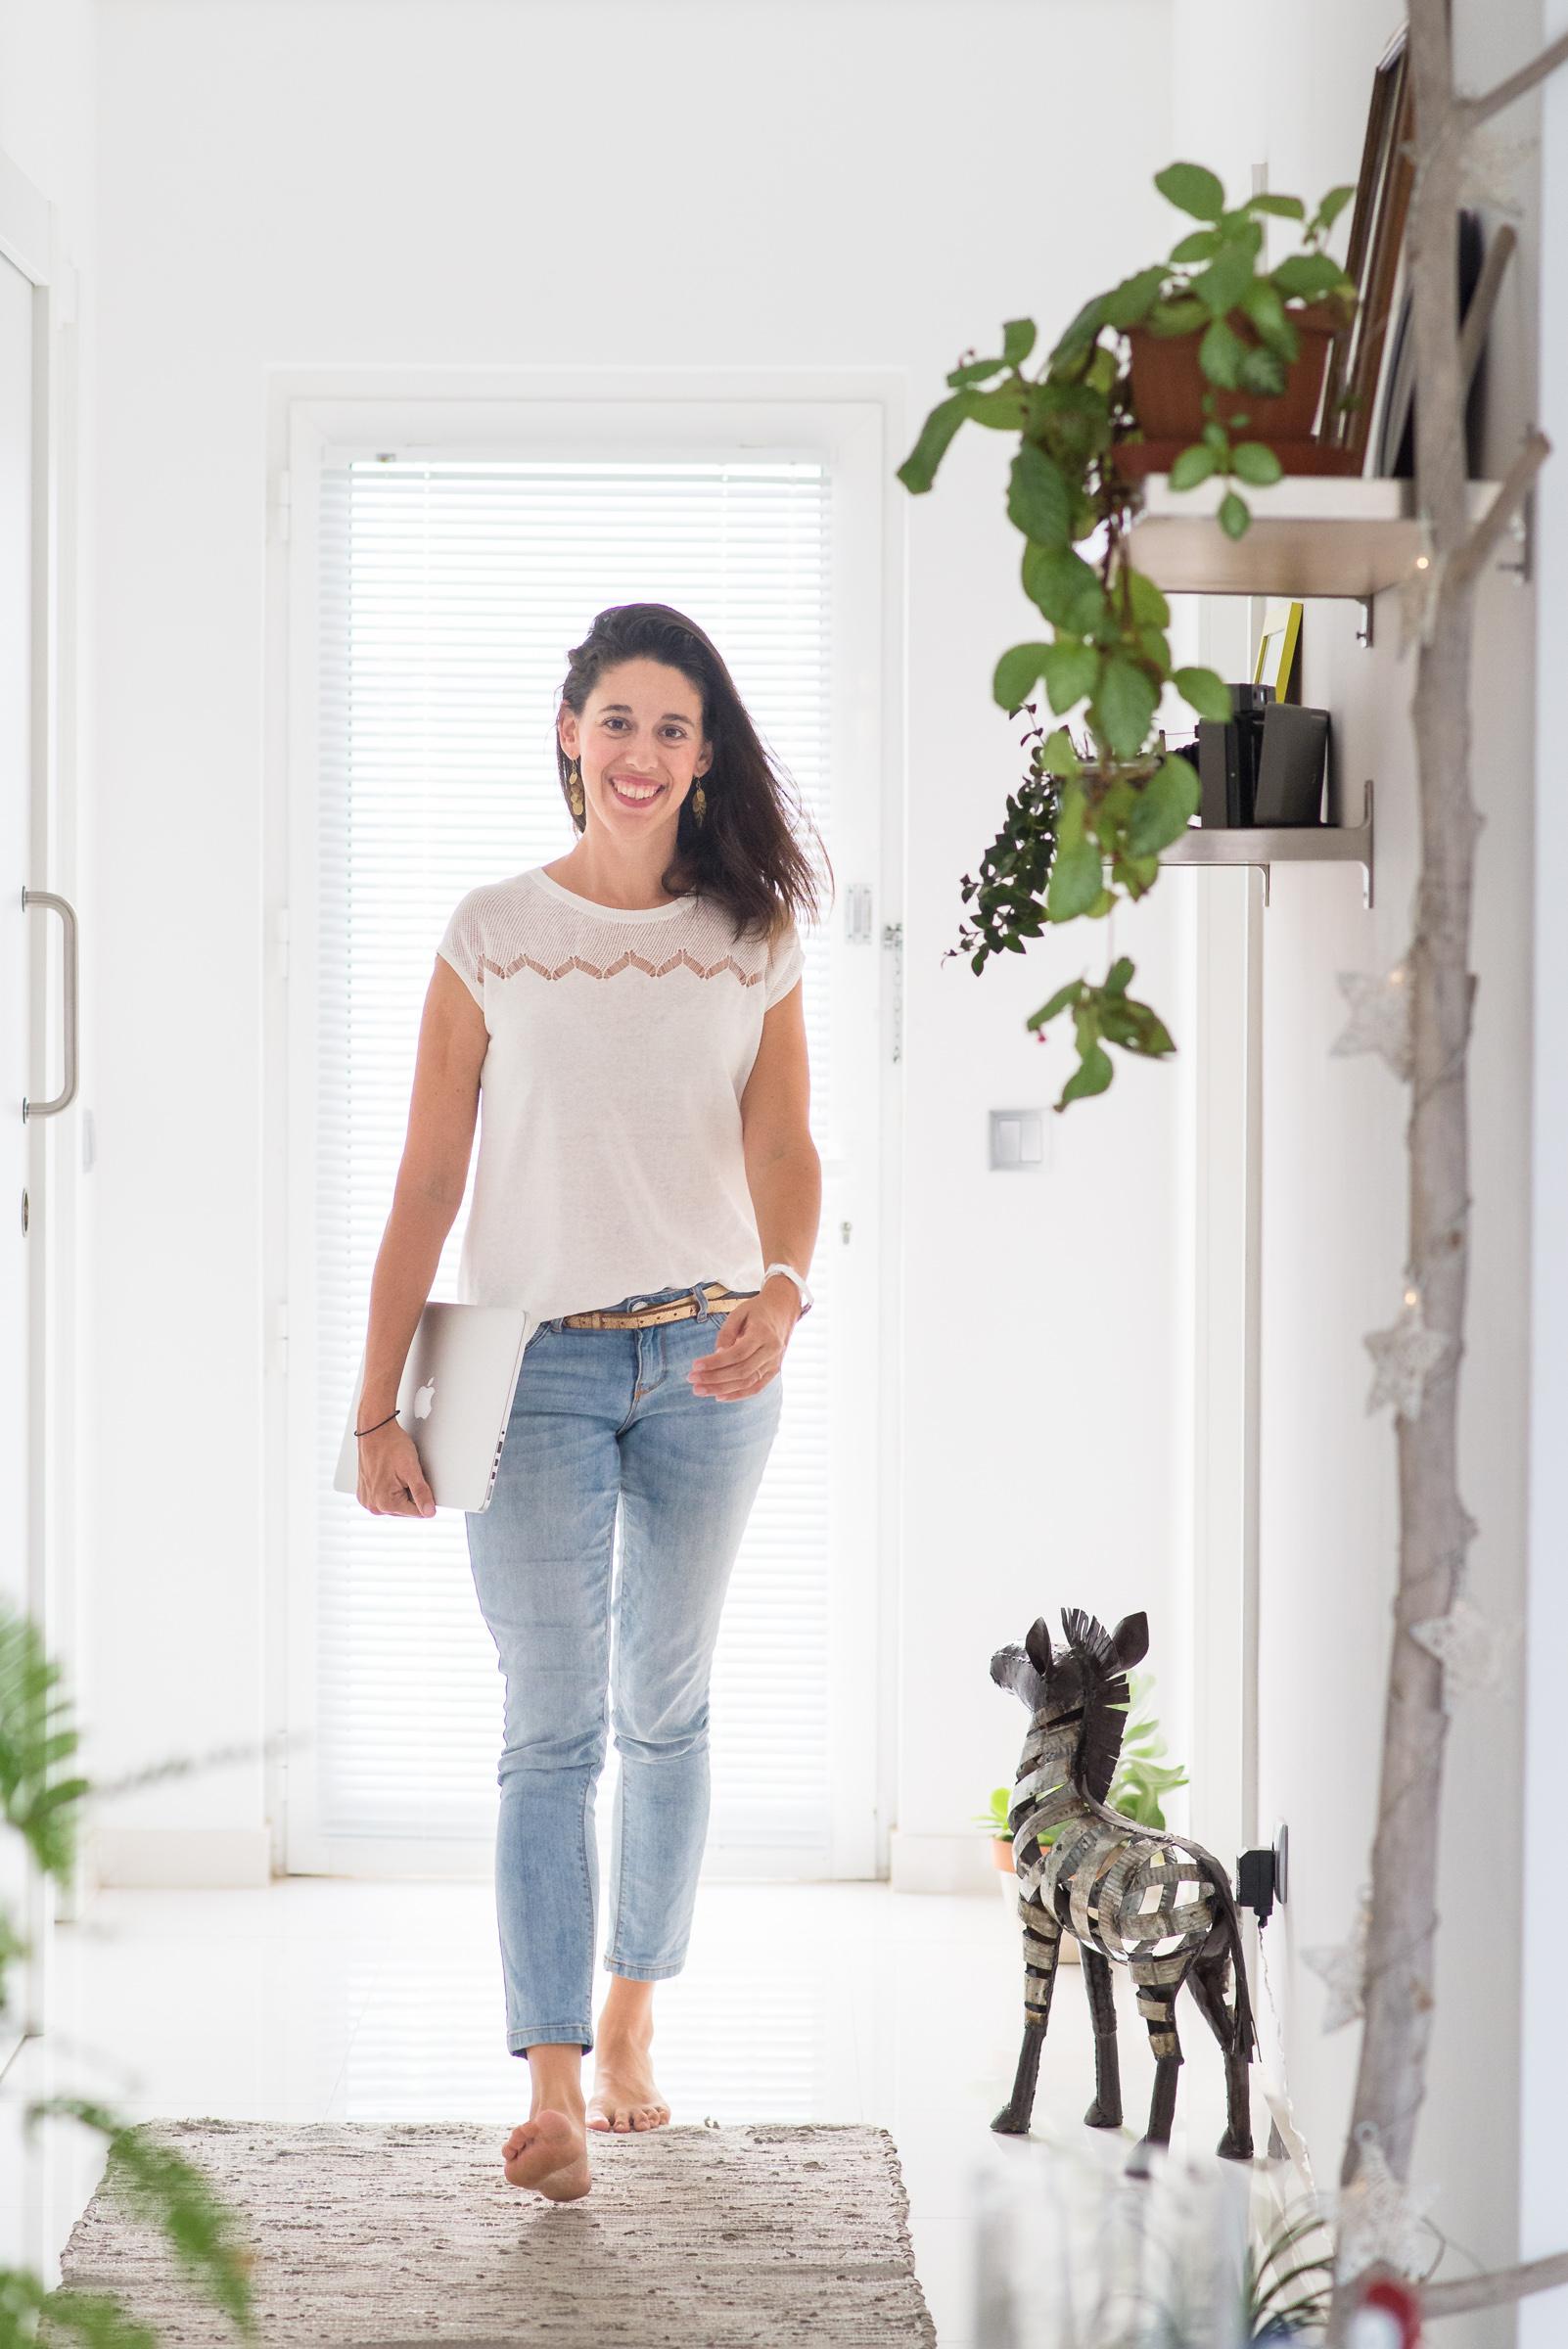 Anne-Laure Seret photographe et webdesigner pour expatriée